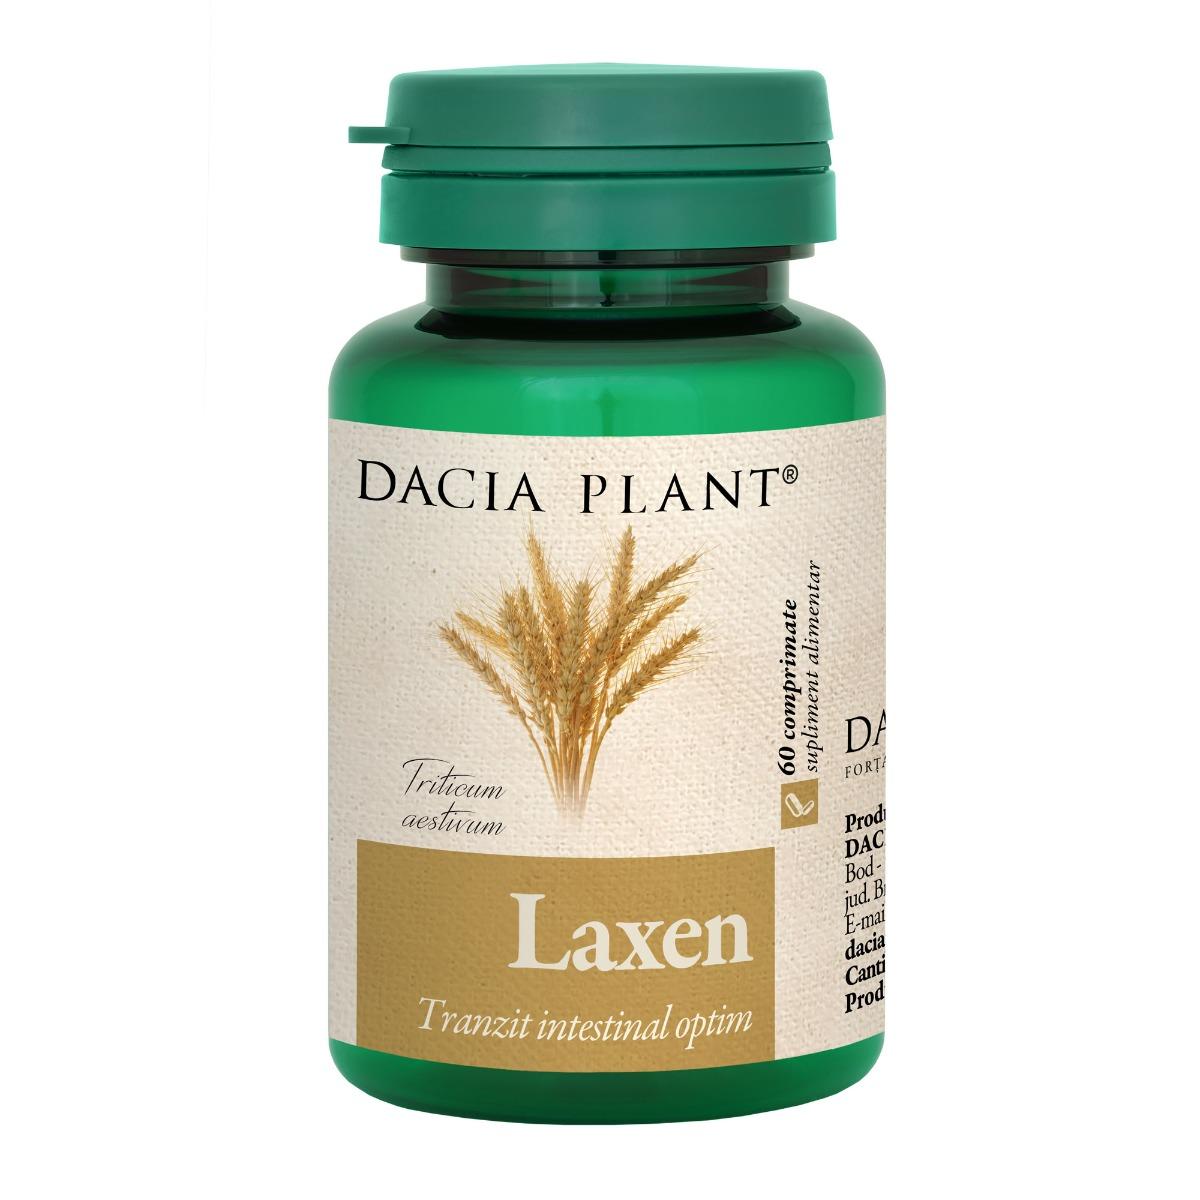 Laxen, 60 comprimate, Dacia Plant drmax.ro